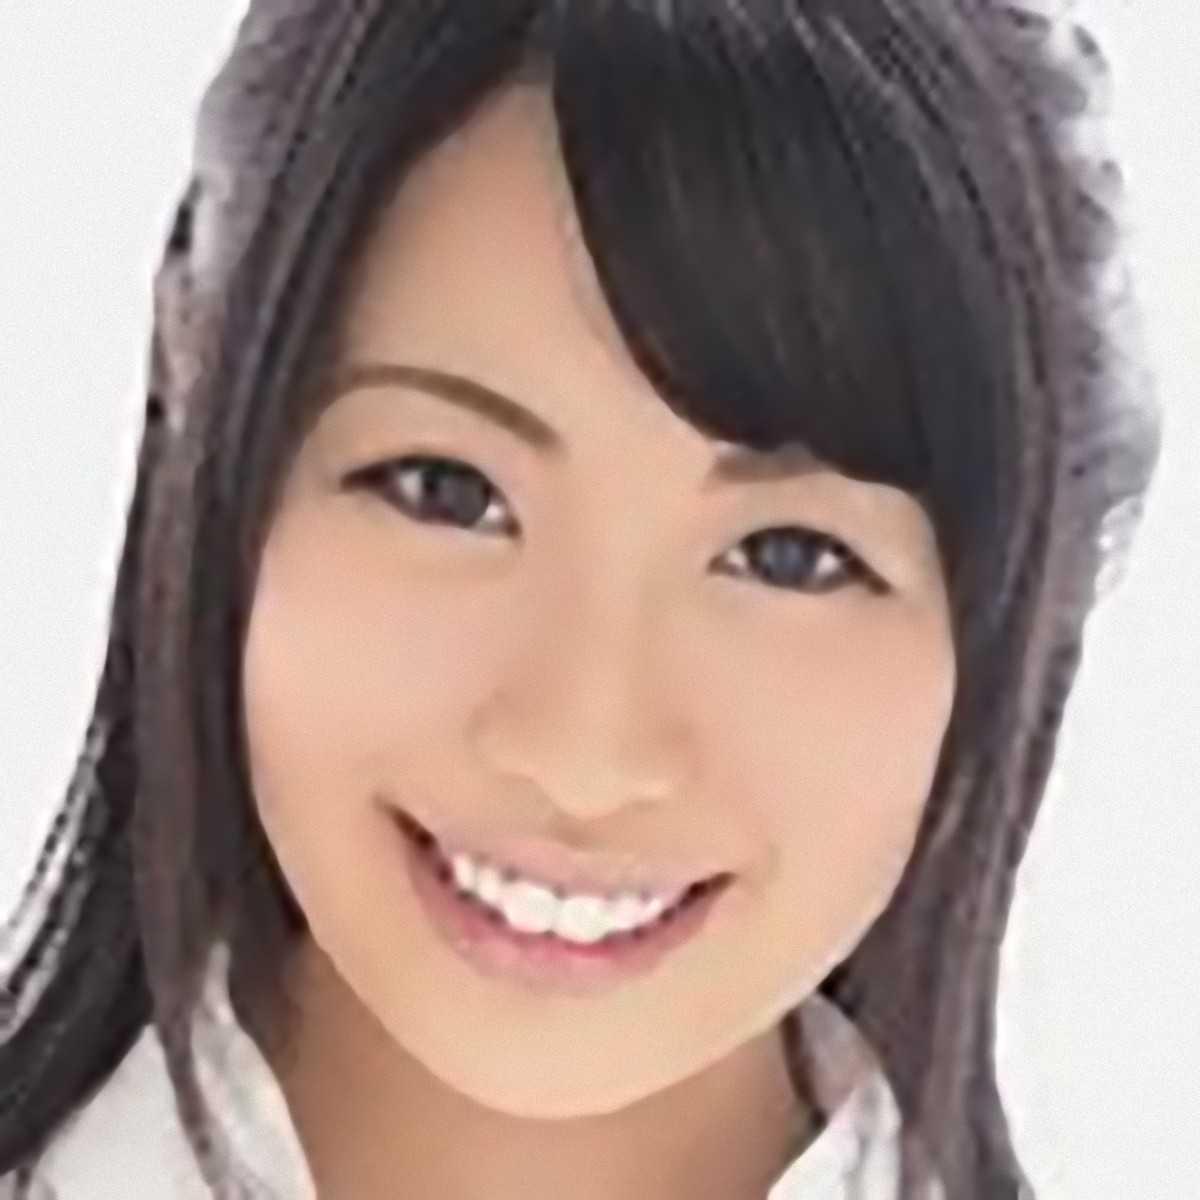 真木今日子さんのプロフィールと画像集4ページ目 | AV女優画像